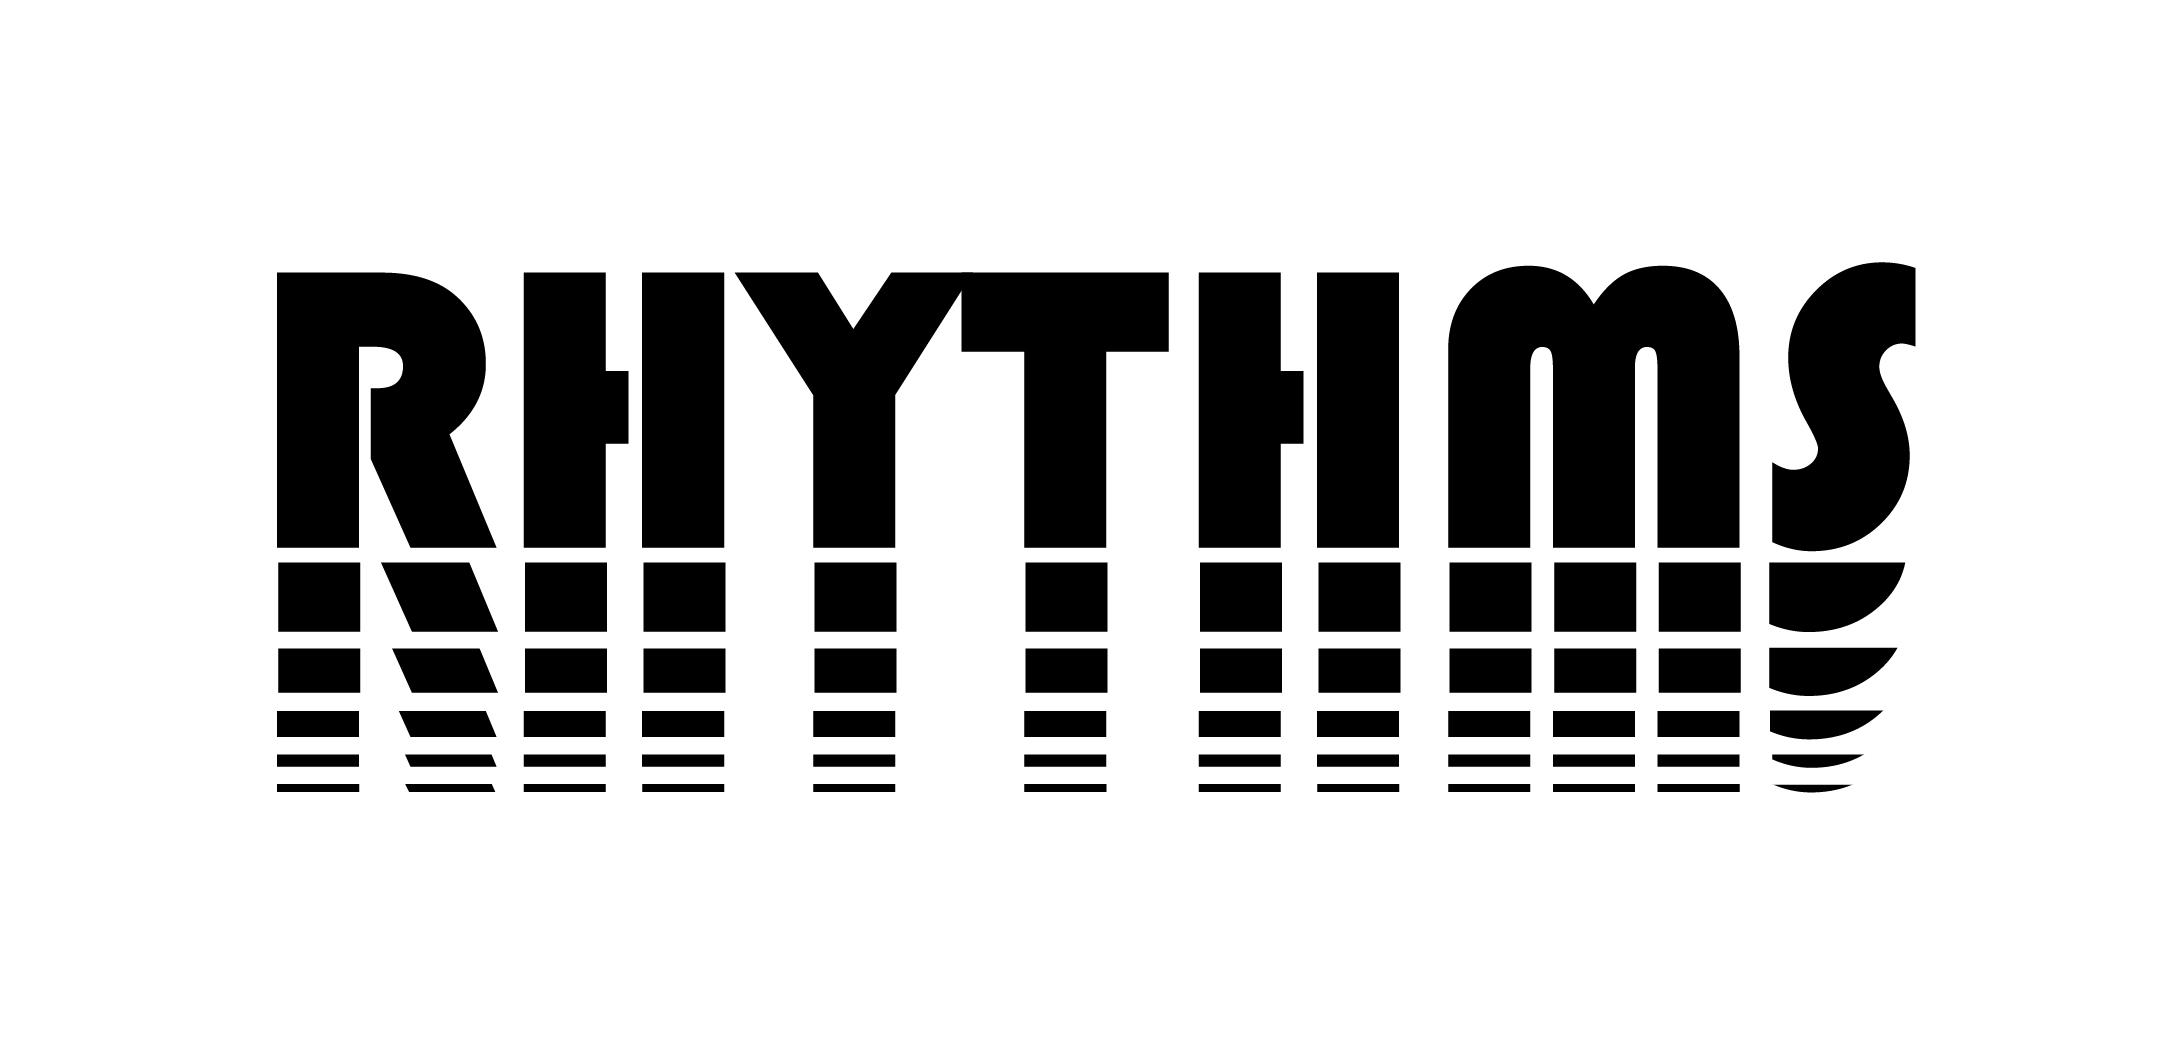 Rhythms Part 8: Silence